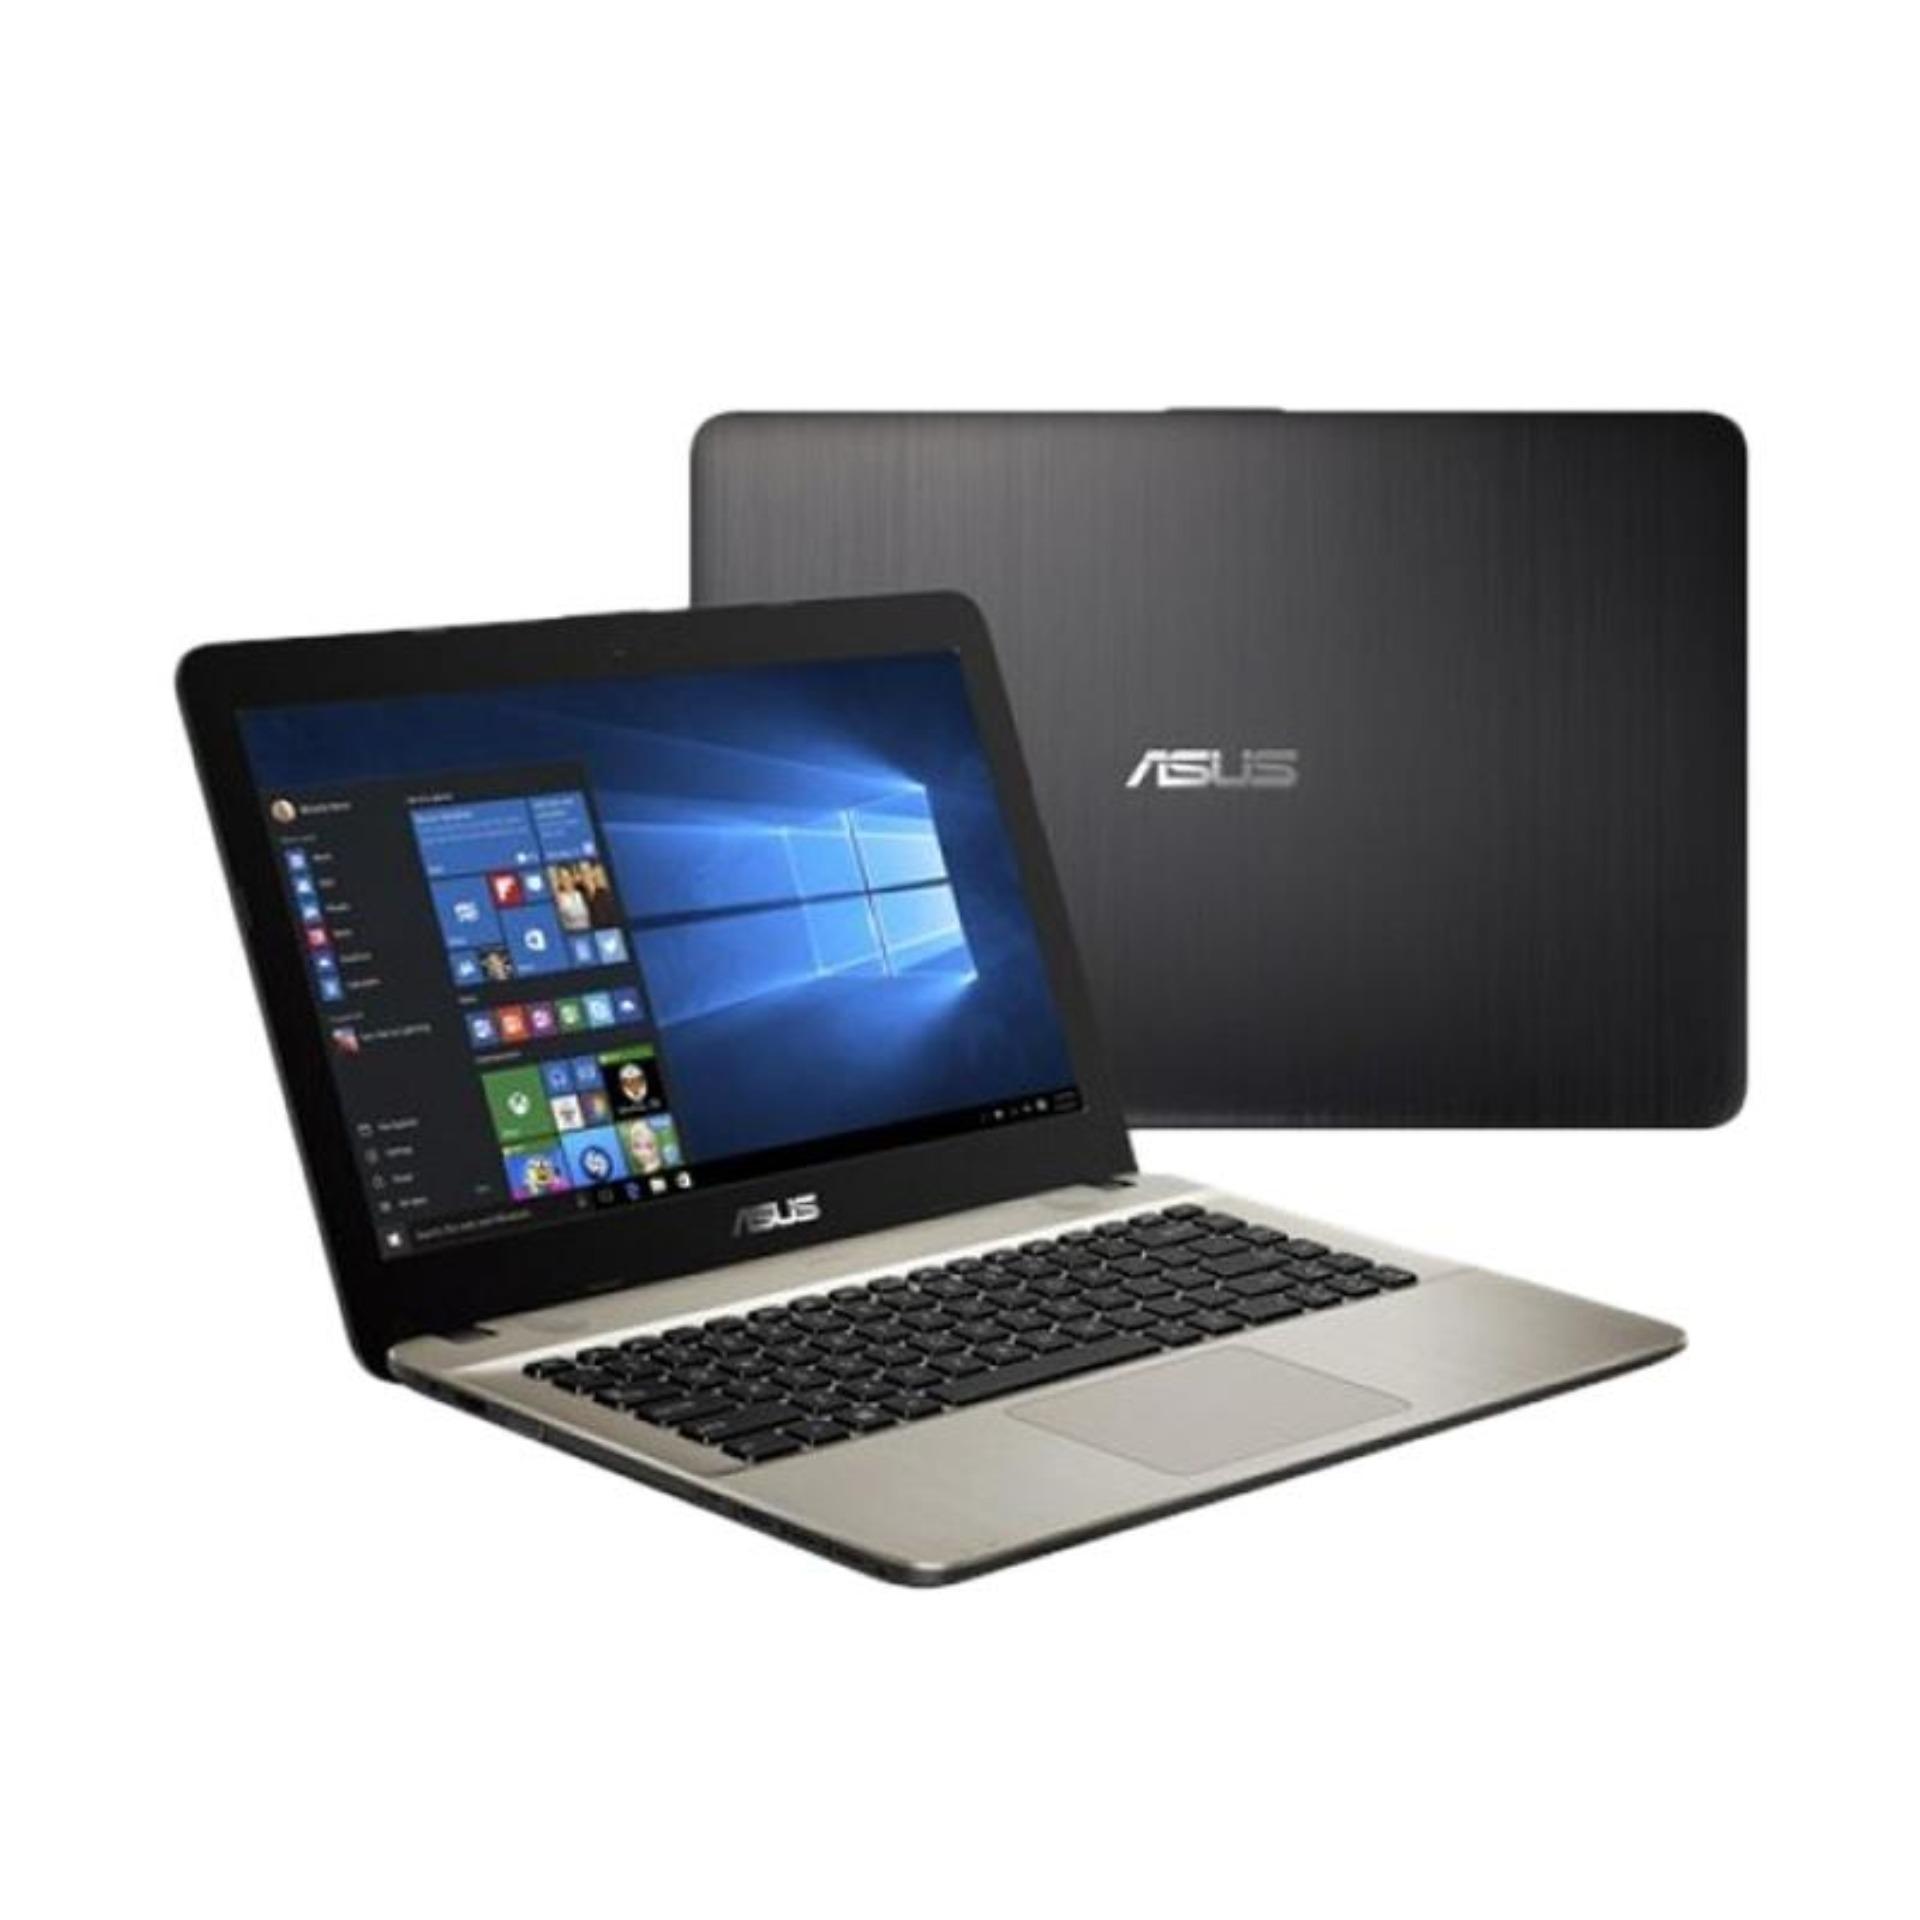 2gb Page 2 Info Harga Berbagai Produk Terbaik Asus Rog Gl 552 X Dm409t Core I7 7700 4096mb 1tb N Vidia Gtx950 Windows 10 X441na Bx401t Ram 4gb Intel Dualcore N3350 14